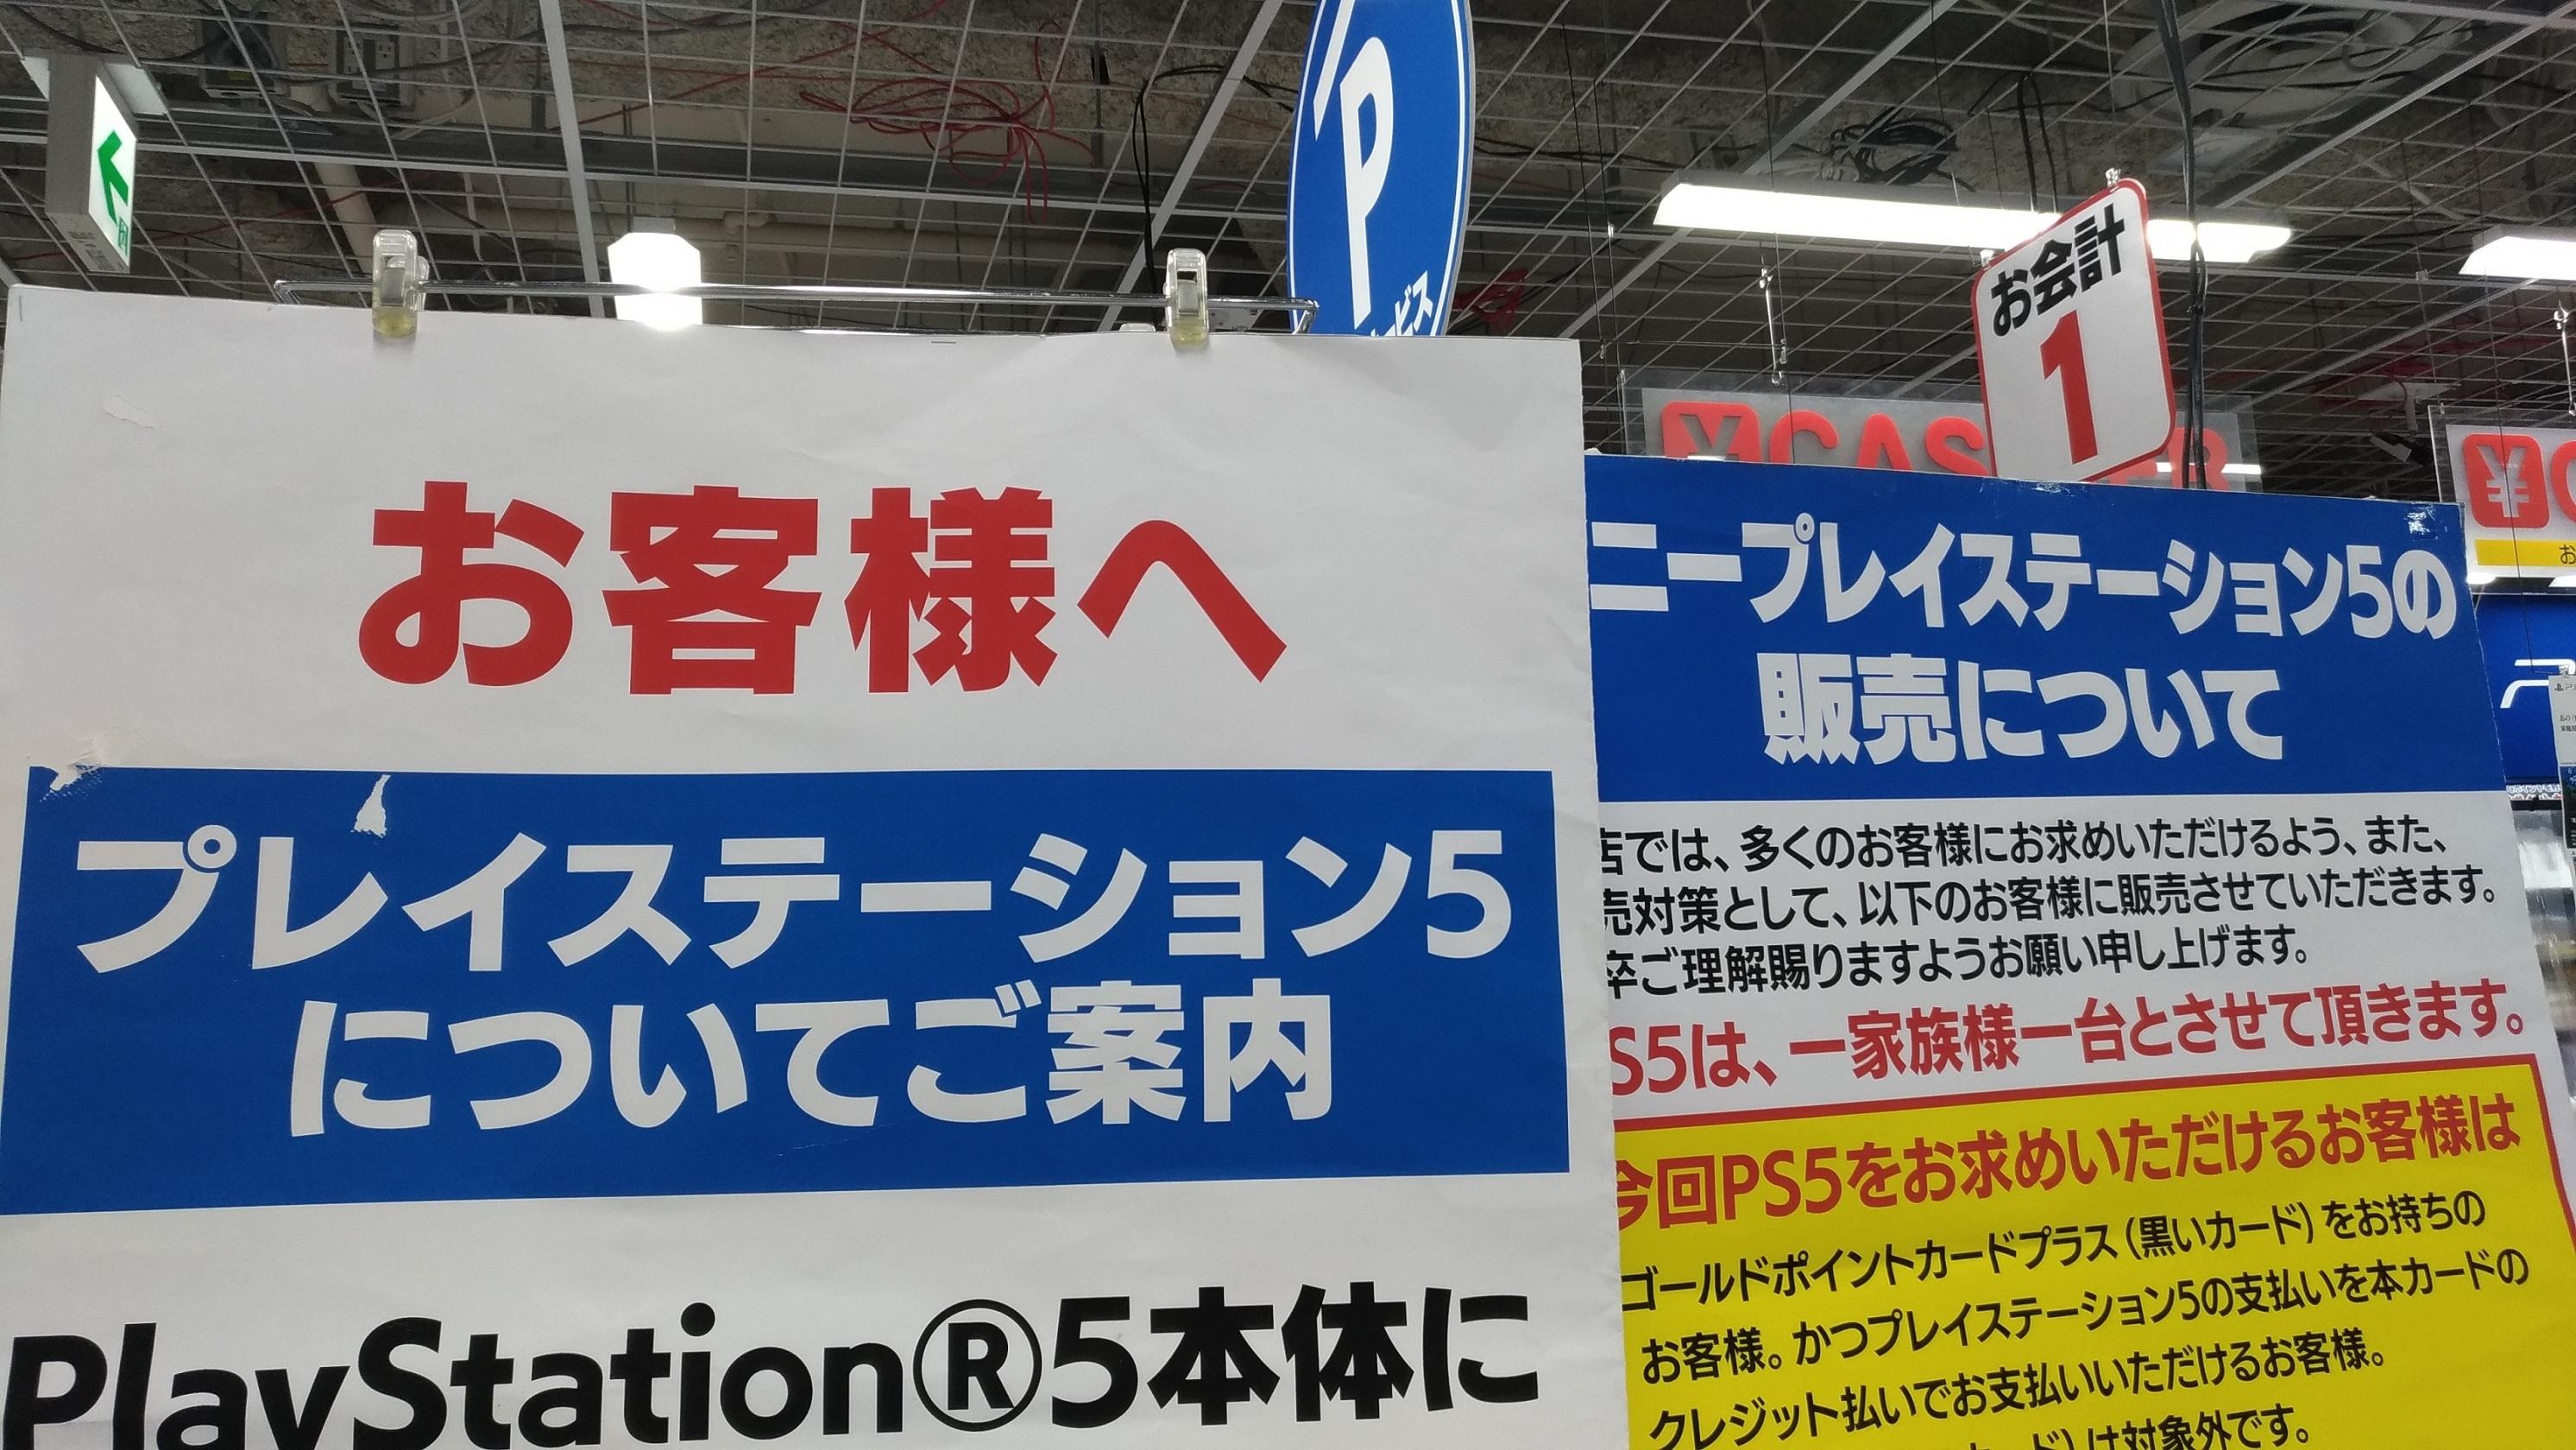 ps5_yodobashi_osakaumeda_.jpg